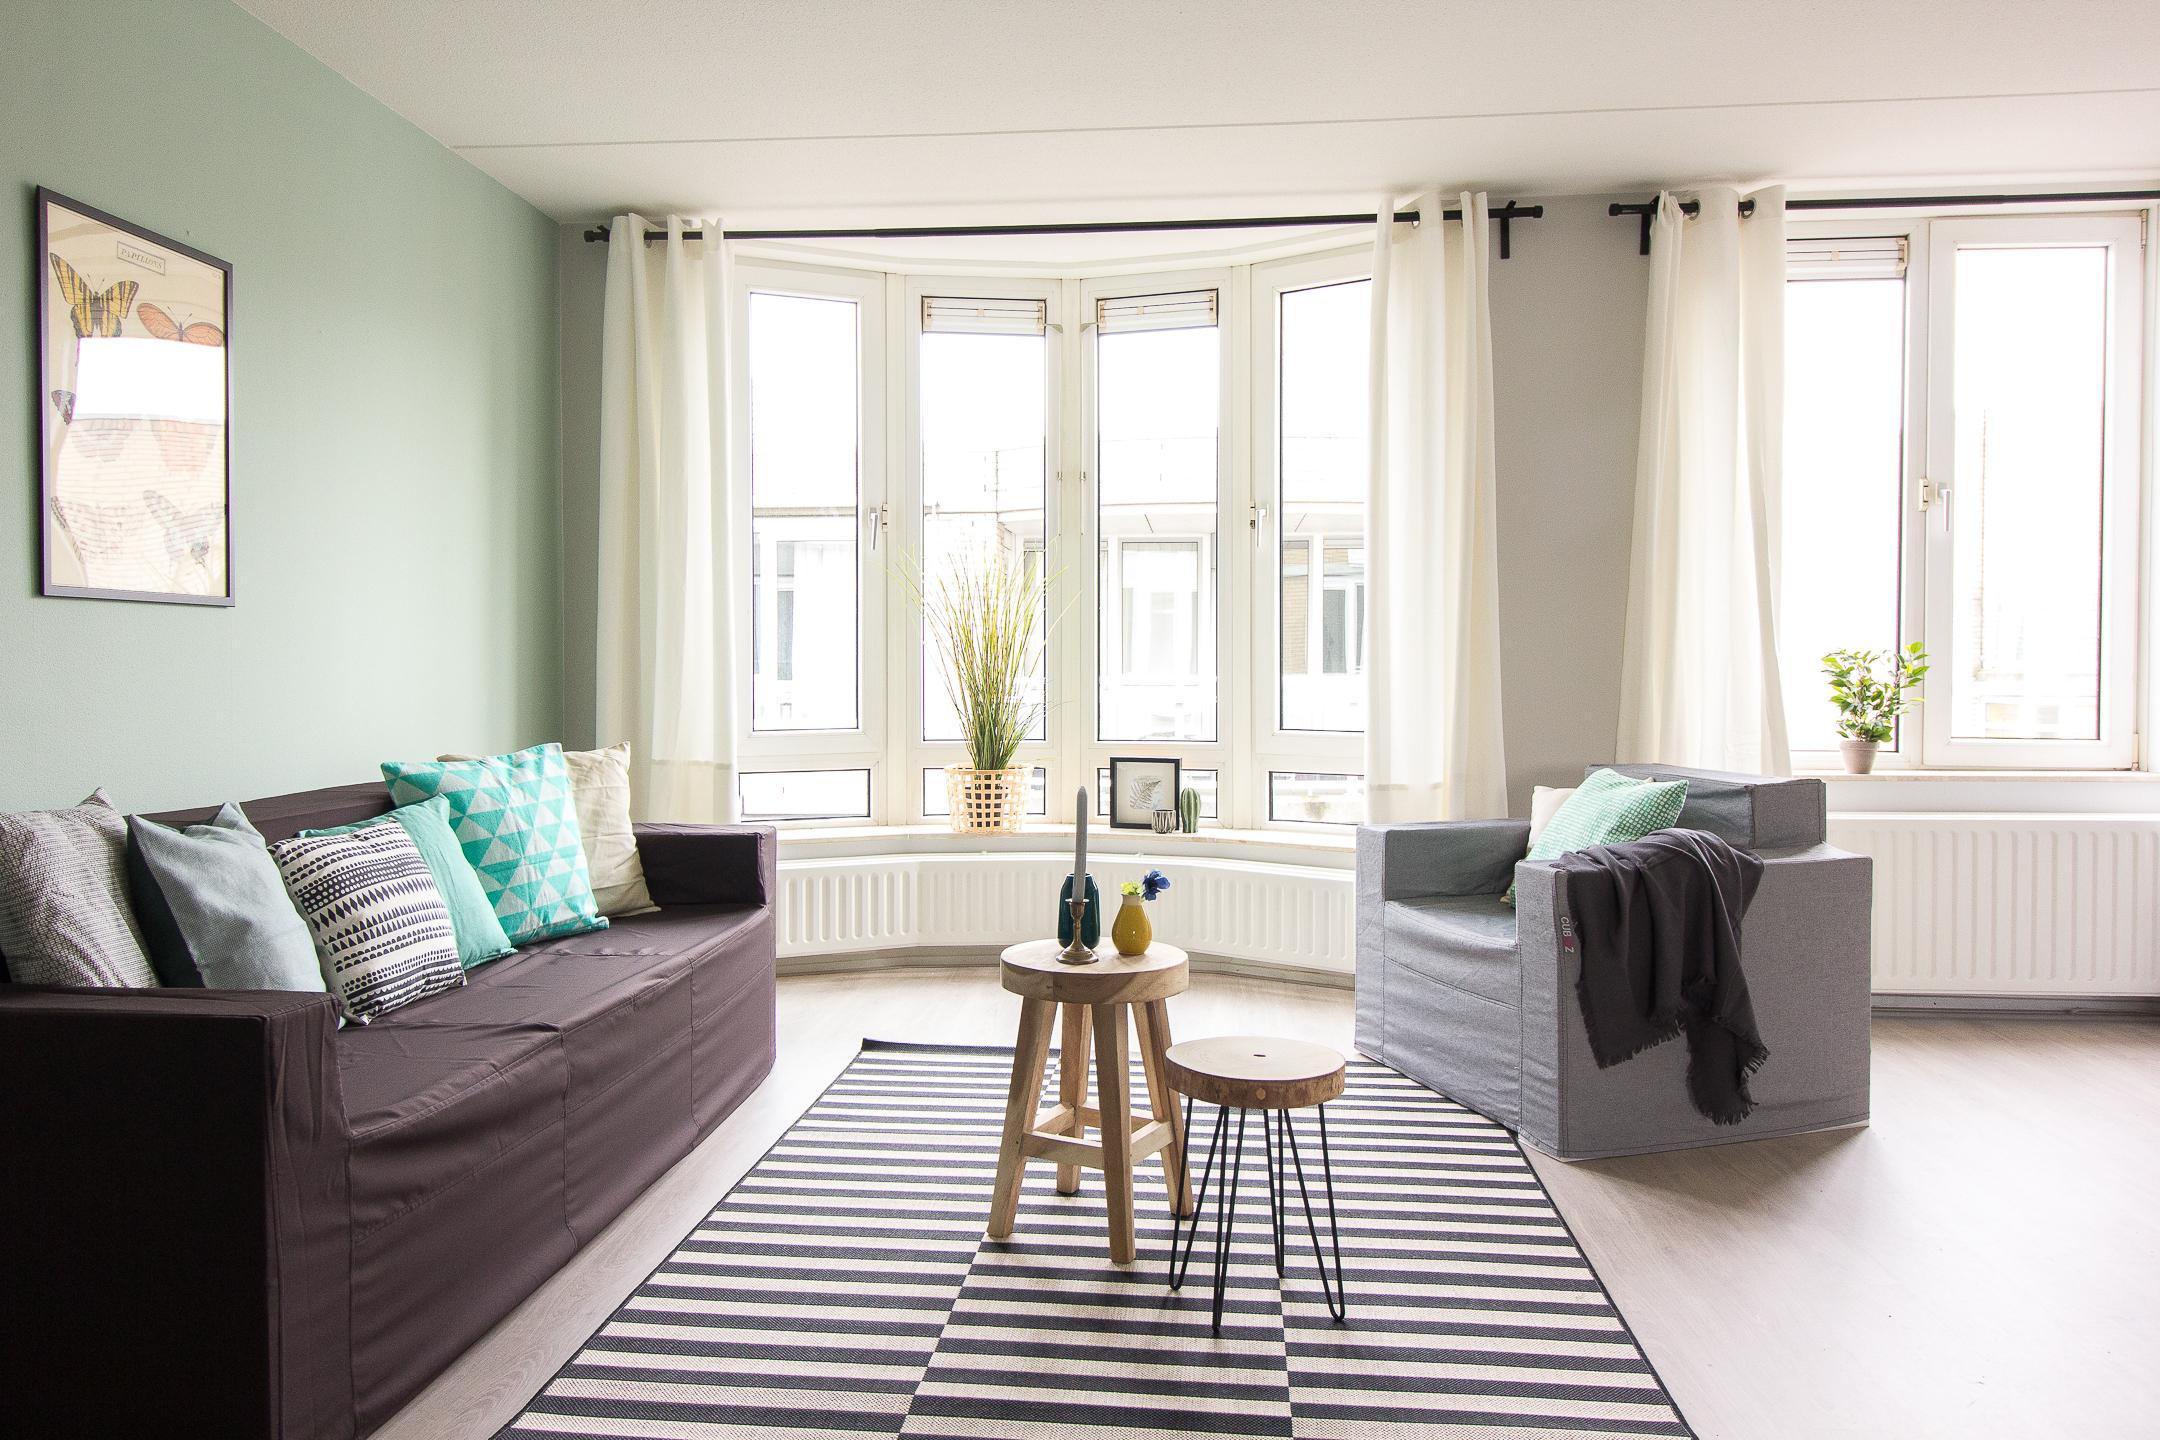 Casa co een leeg appartement in zoetermeer inrichten voor de verhuur - Deco van het appartement ...